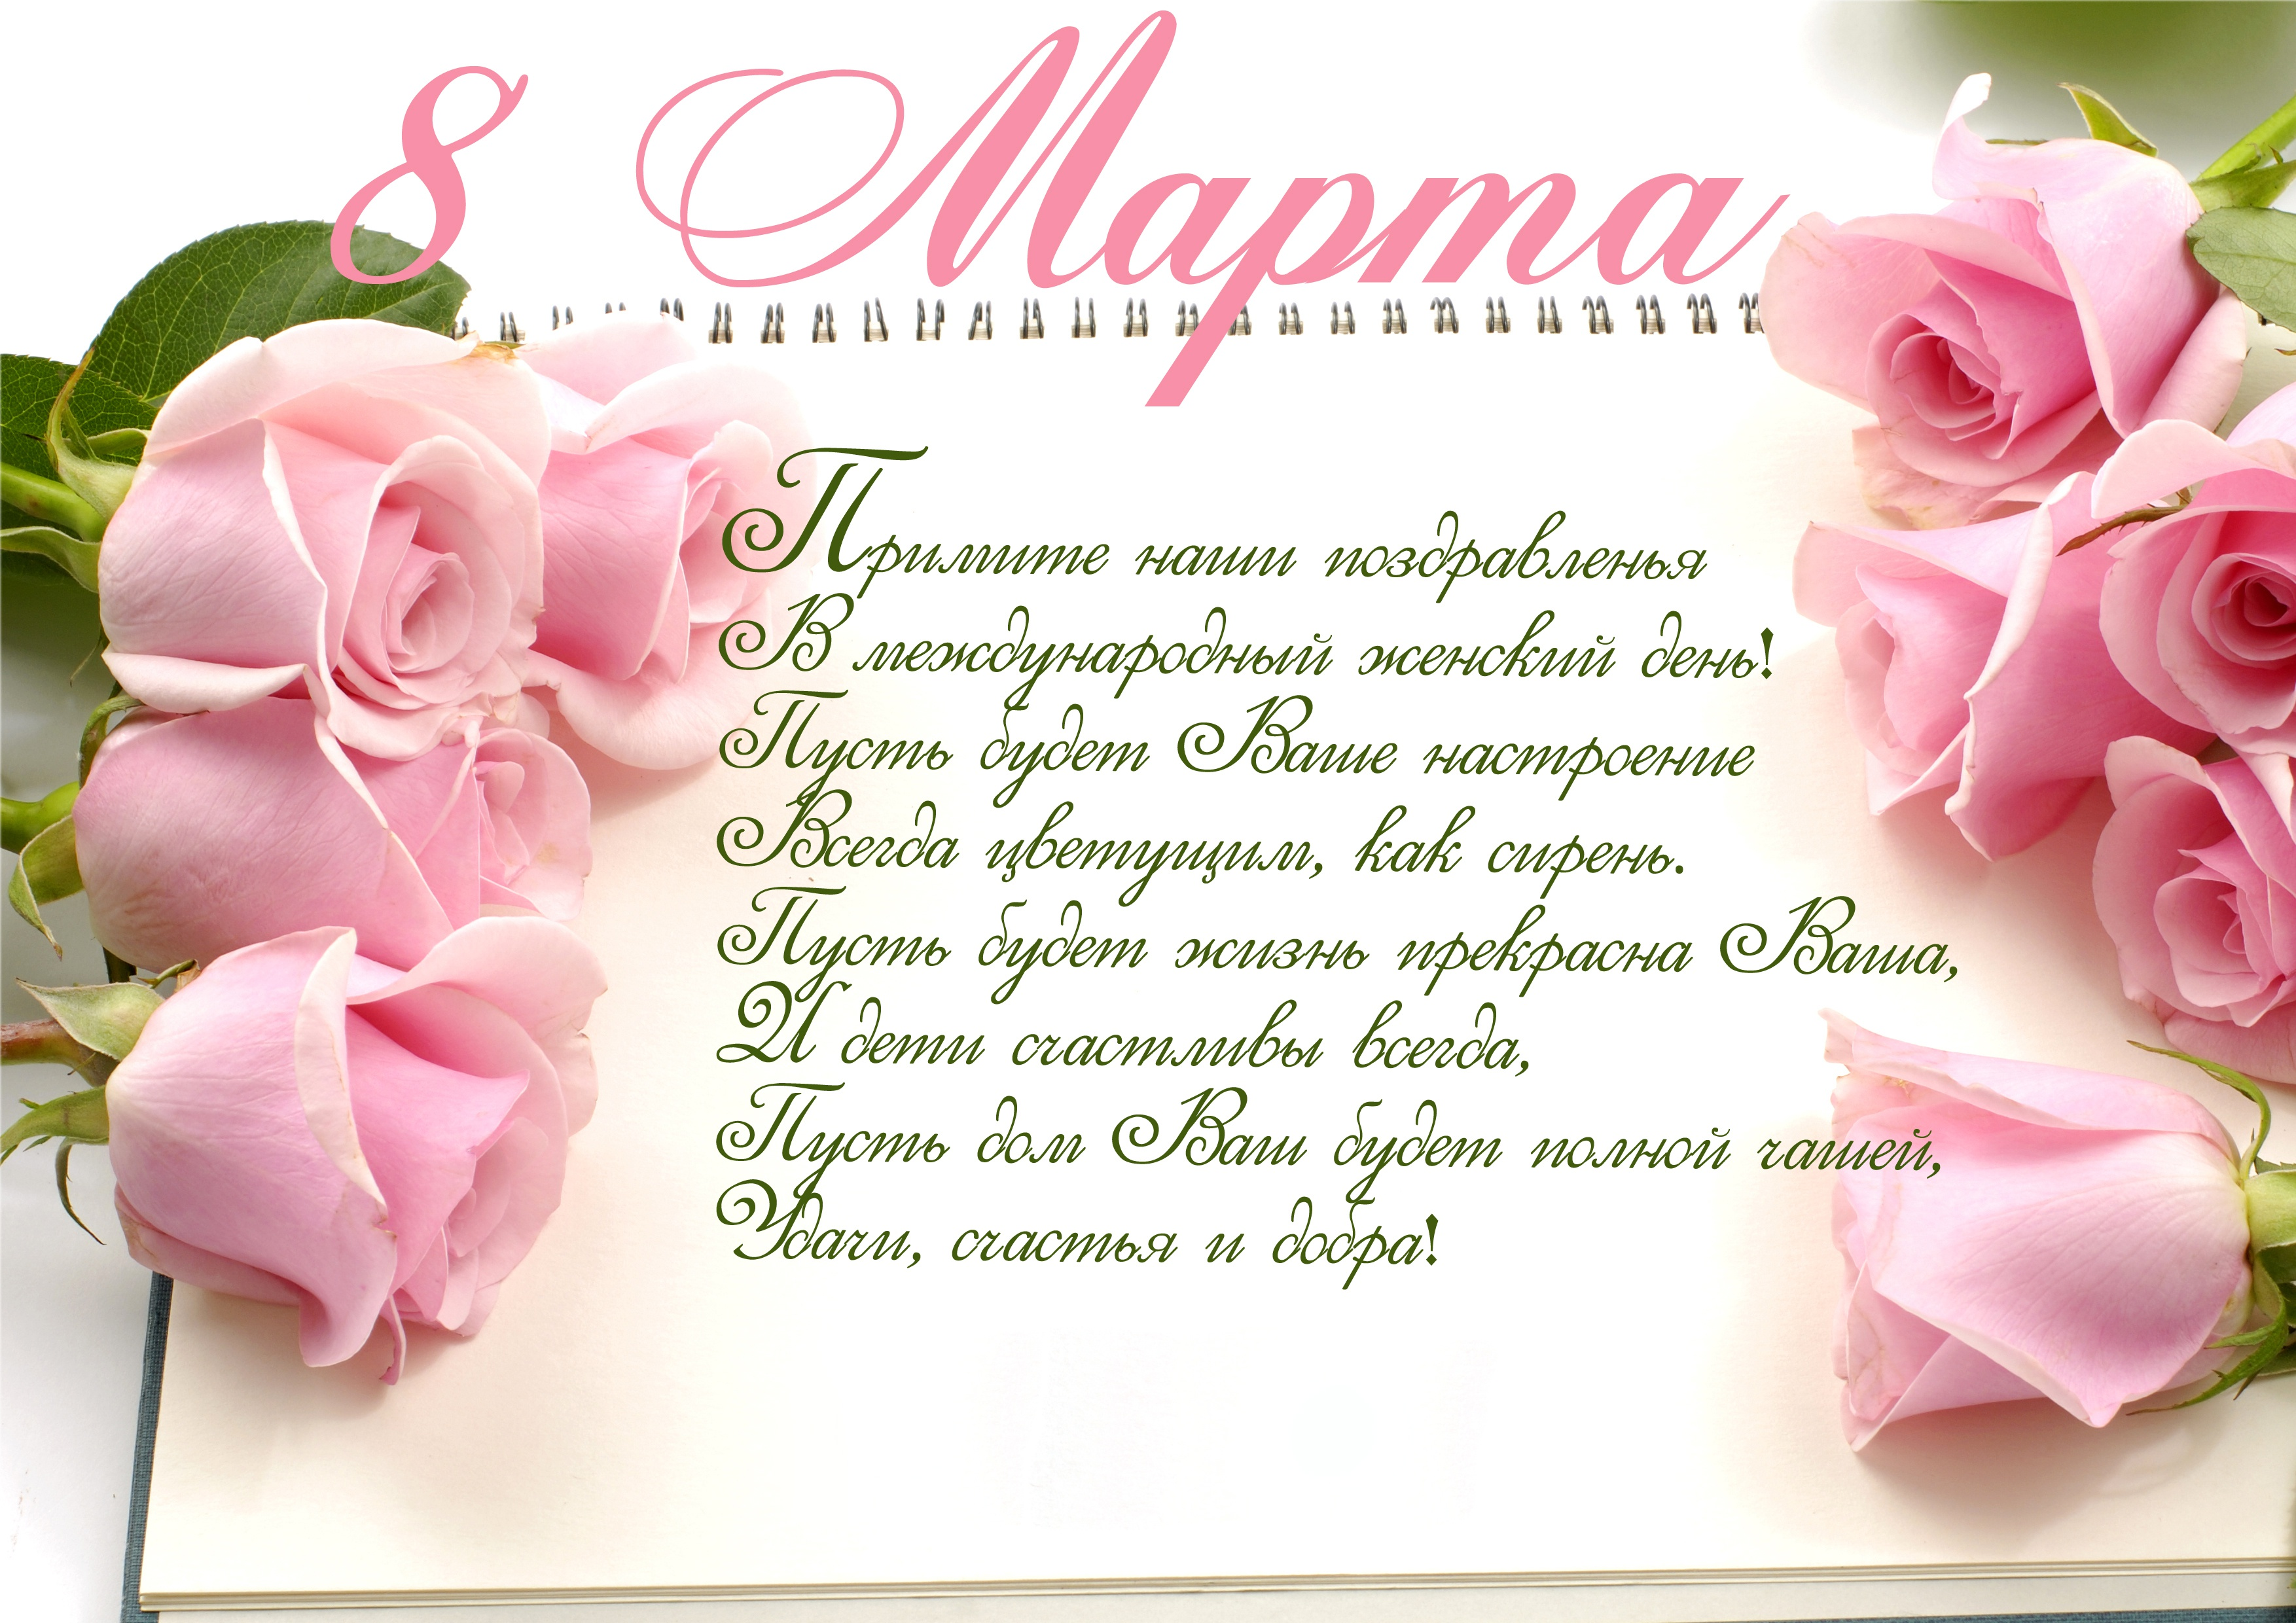 Картинки для поздравления с 8 марта для открытки